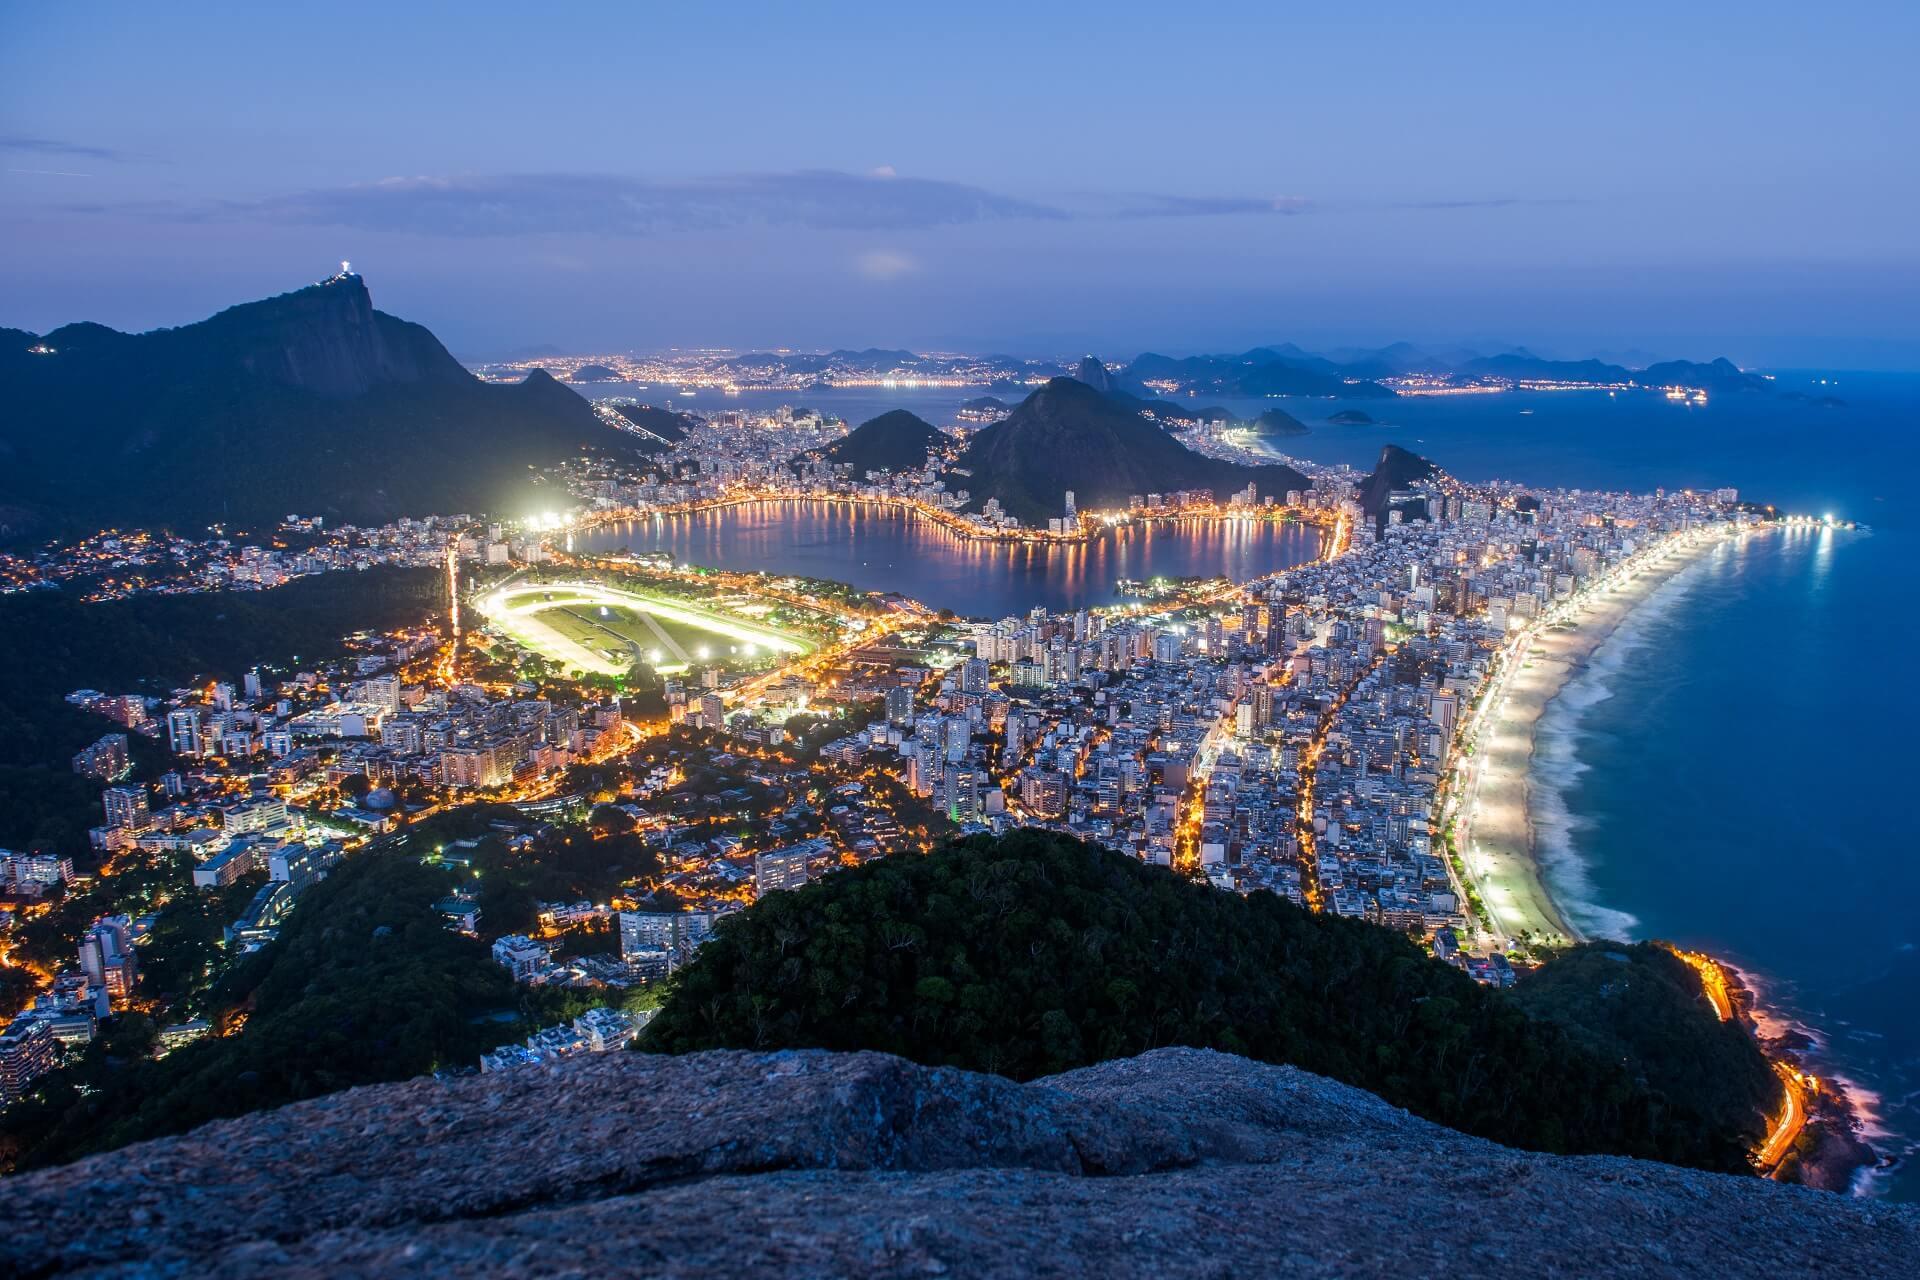 Der schweißtreibende Weg hoch auf den Morro Dois Irmãos lohnt sich definitiv